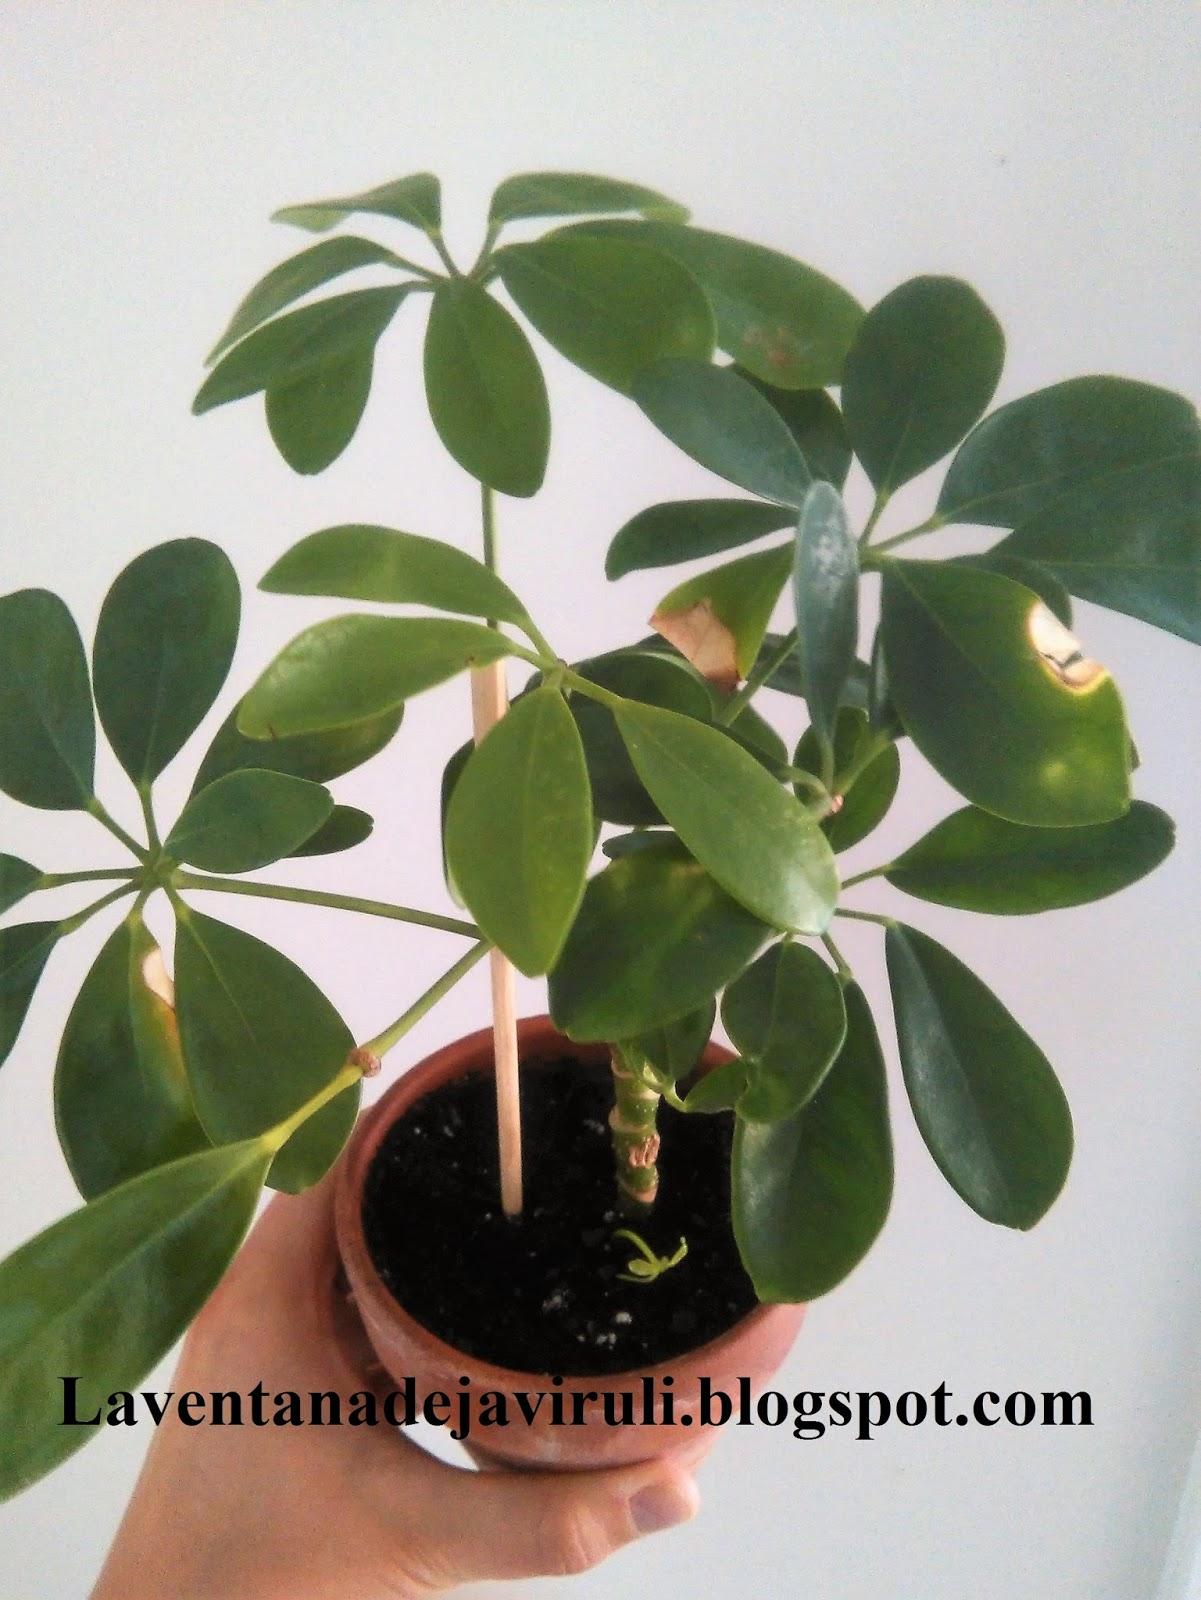 Nombres plantas de interior latest las plantas de - Hogarutil plantas ...